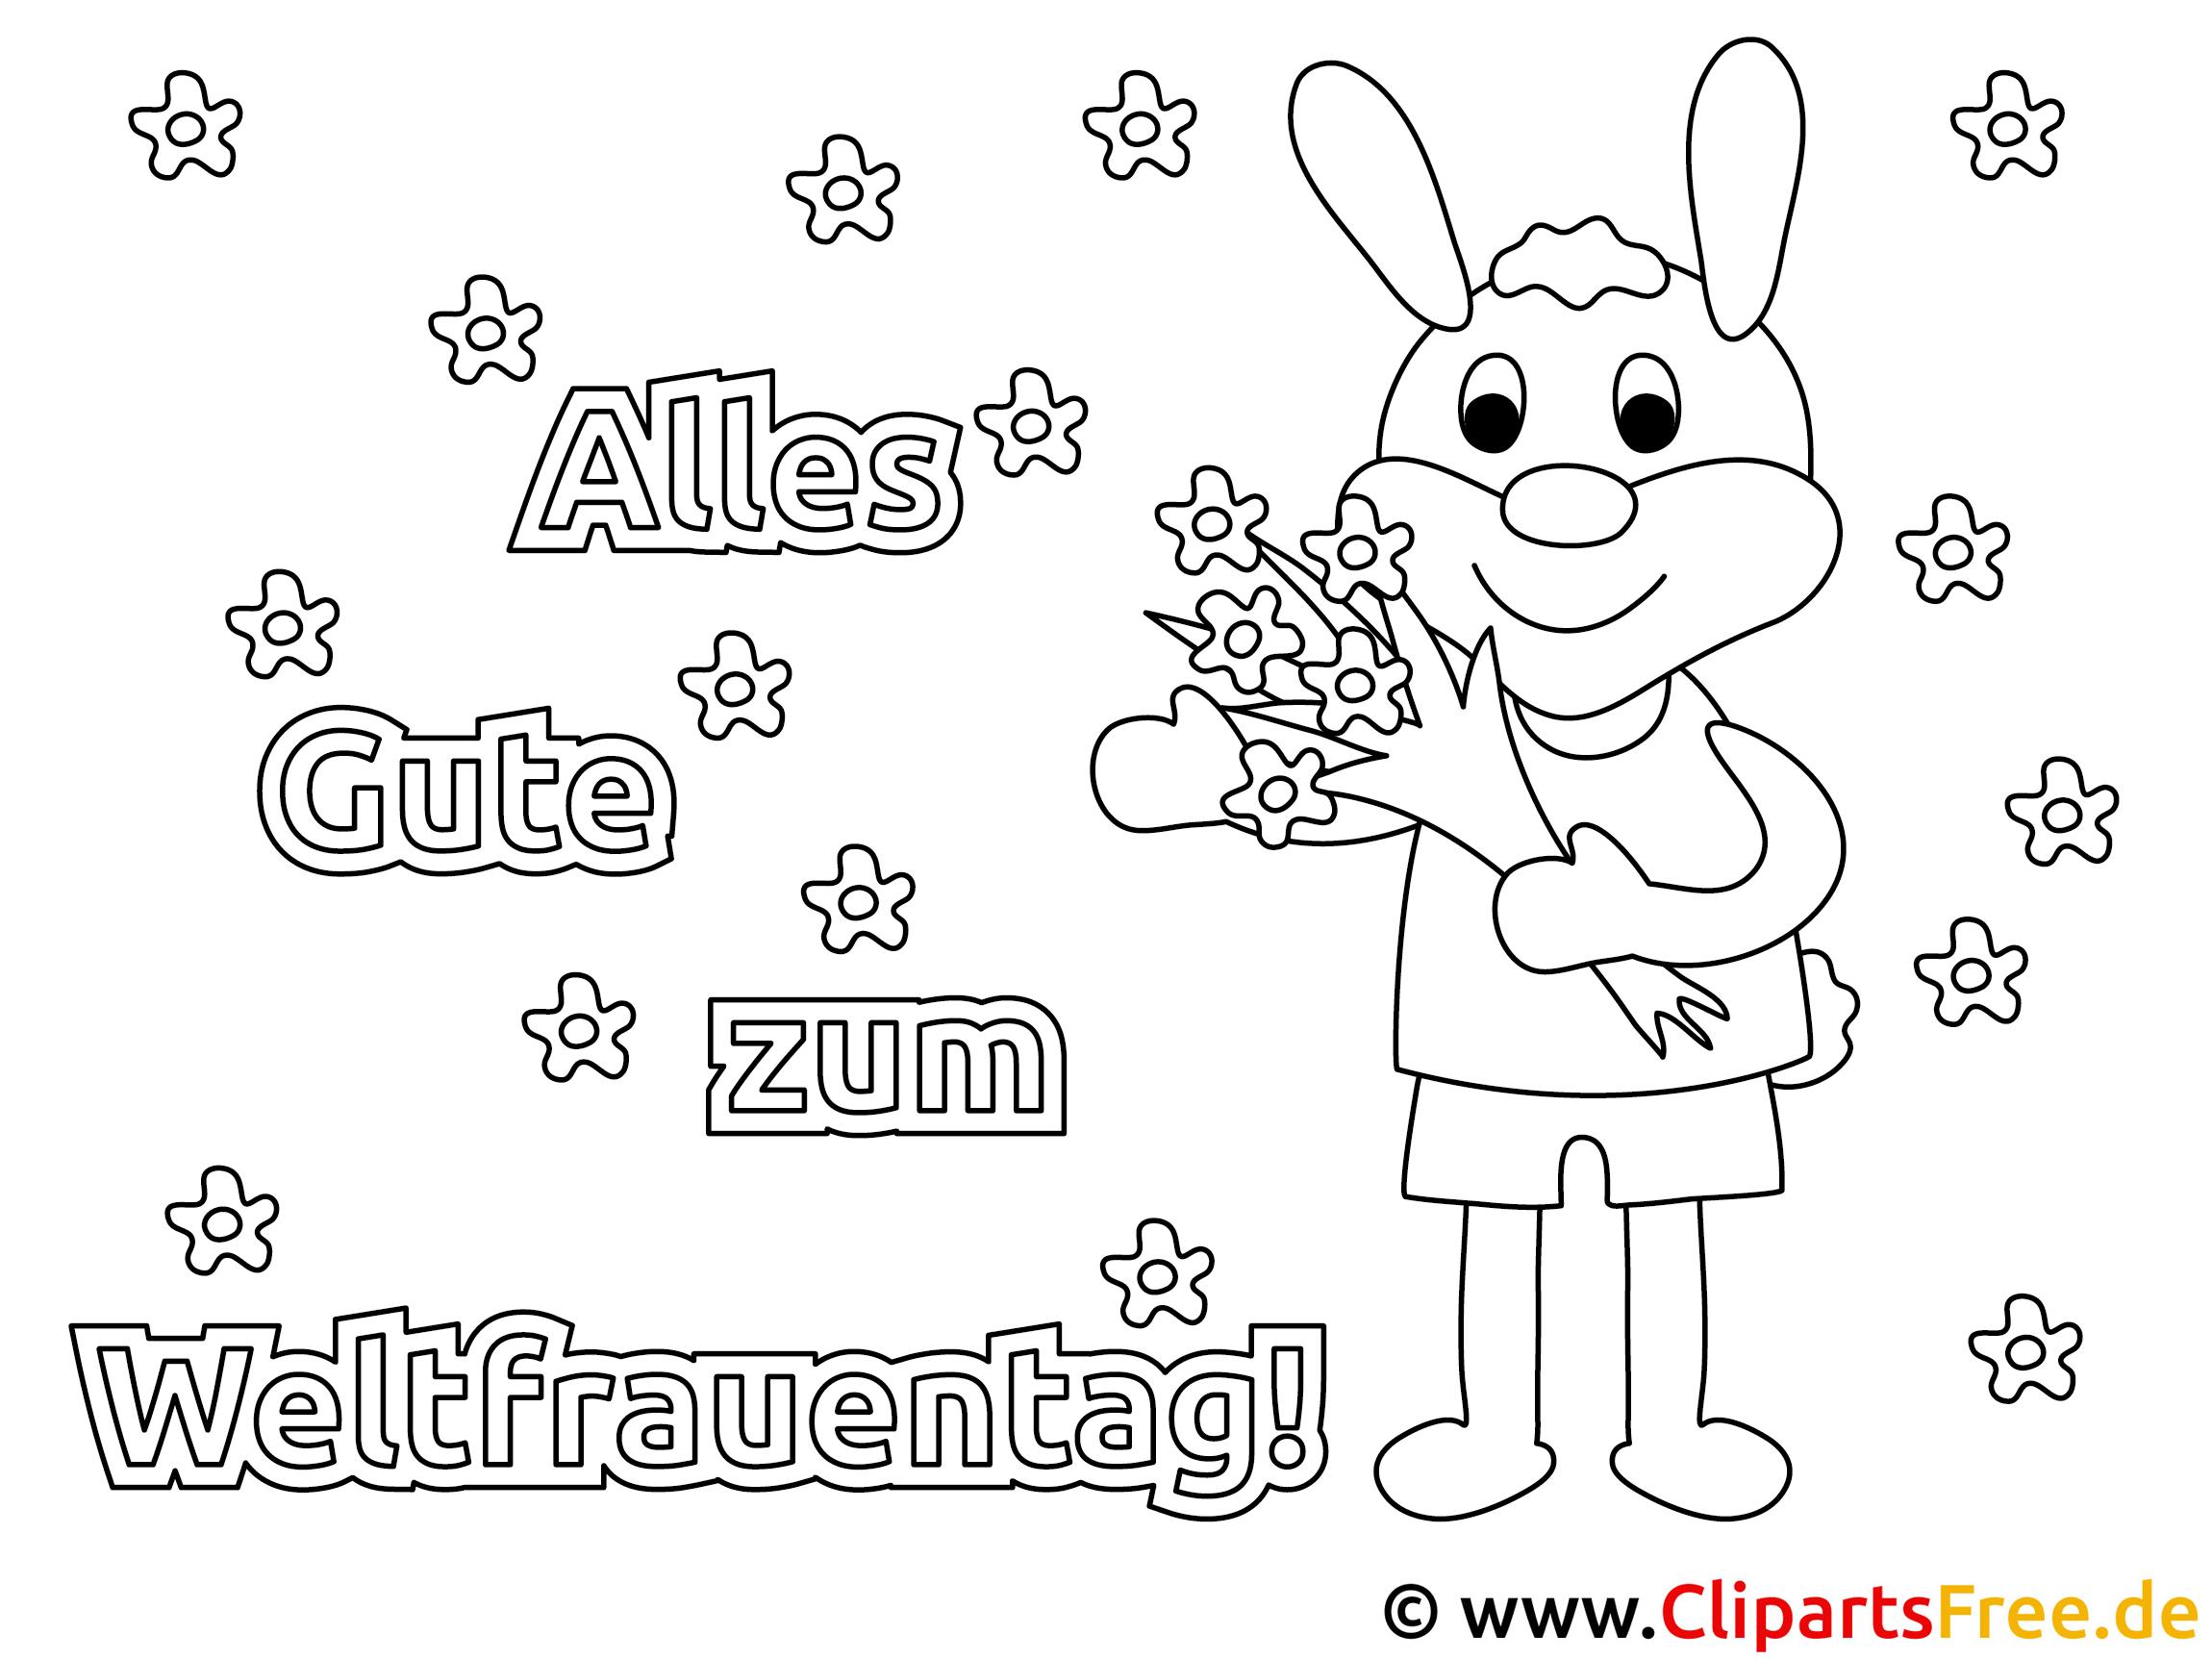 Ausmalbilder Geburtstag Mutter : Beste Malvorlagen F R Alles Gute Zum Geburtstag Fotos Framing